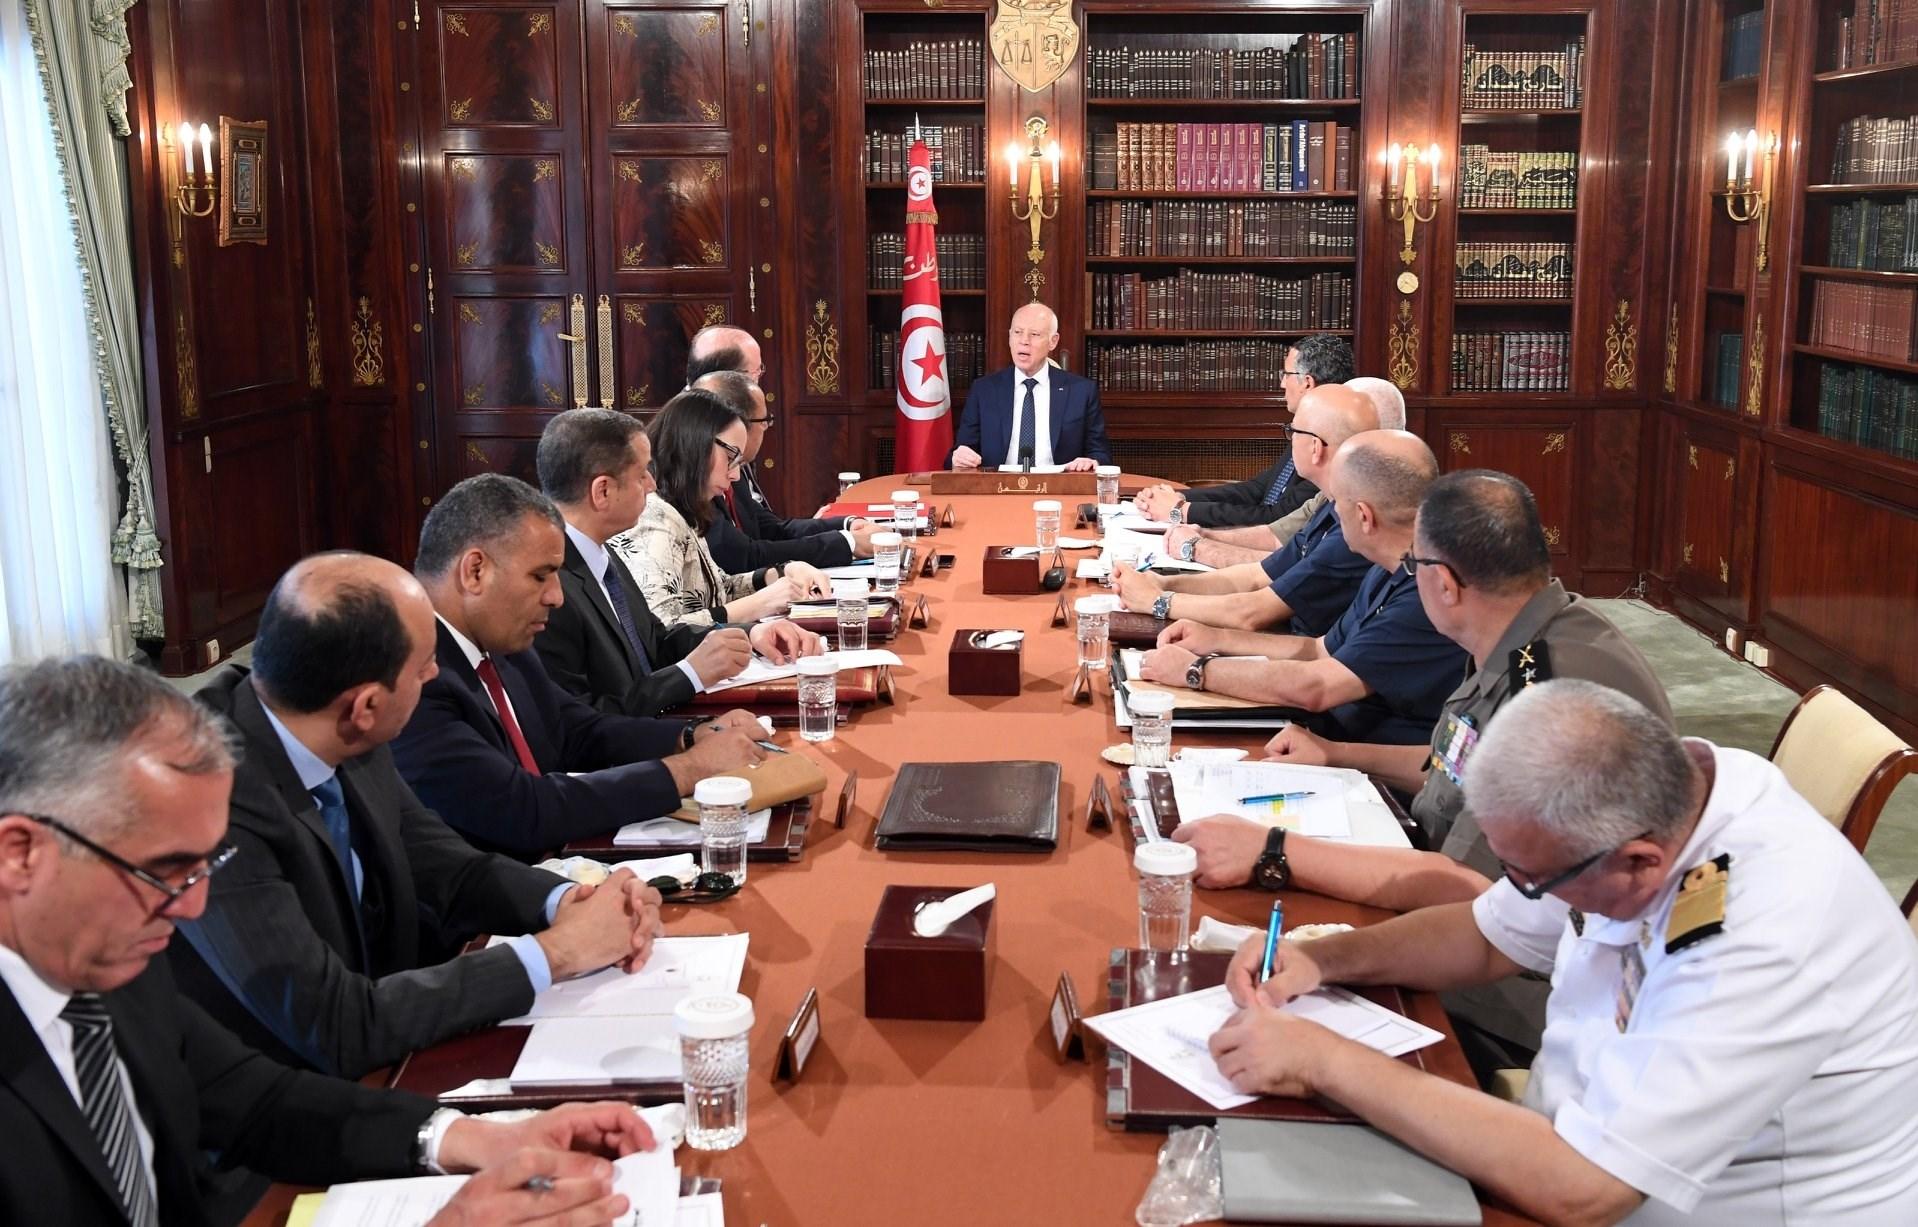 الرئيس التونسي خلال إشرافه على اجتماع مجلس الجيوش والقيادات الأمنية